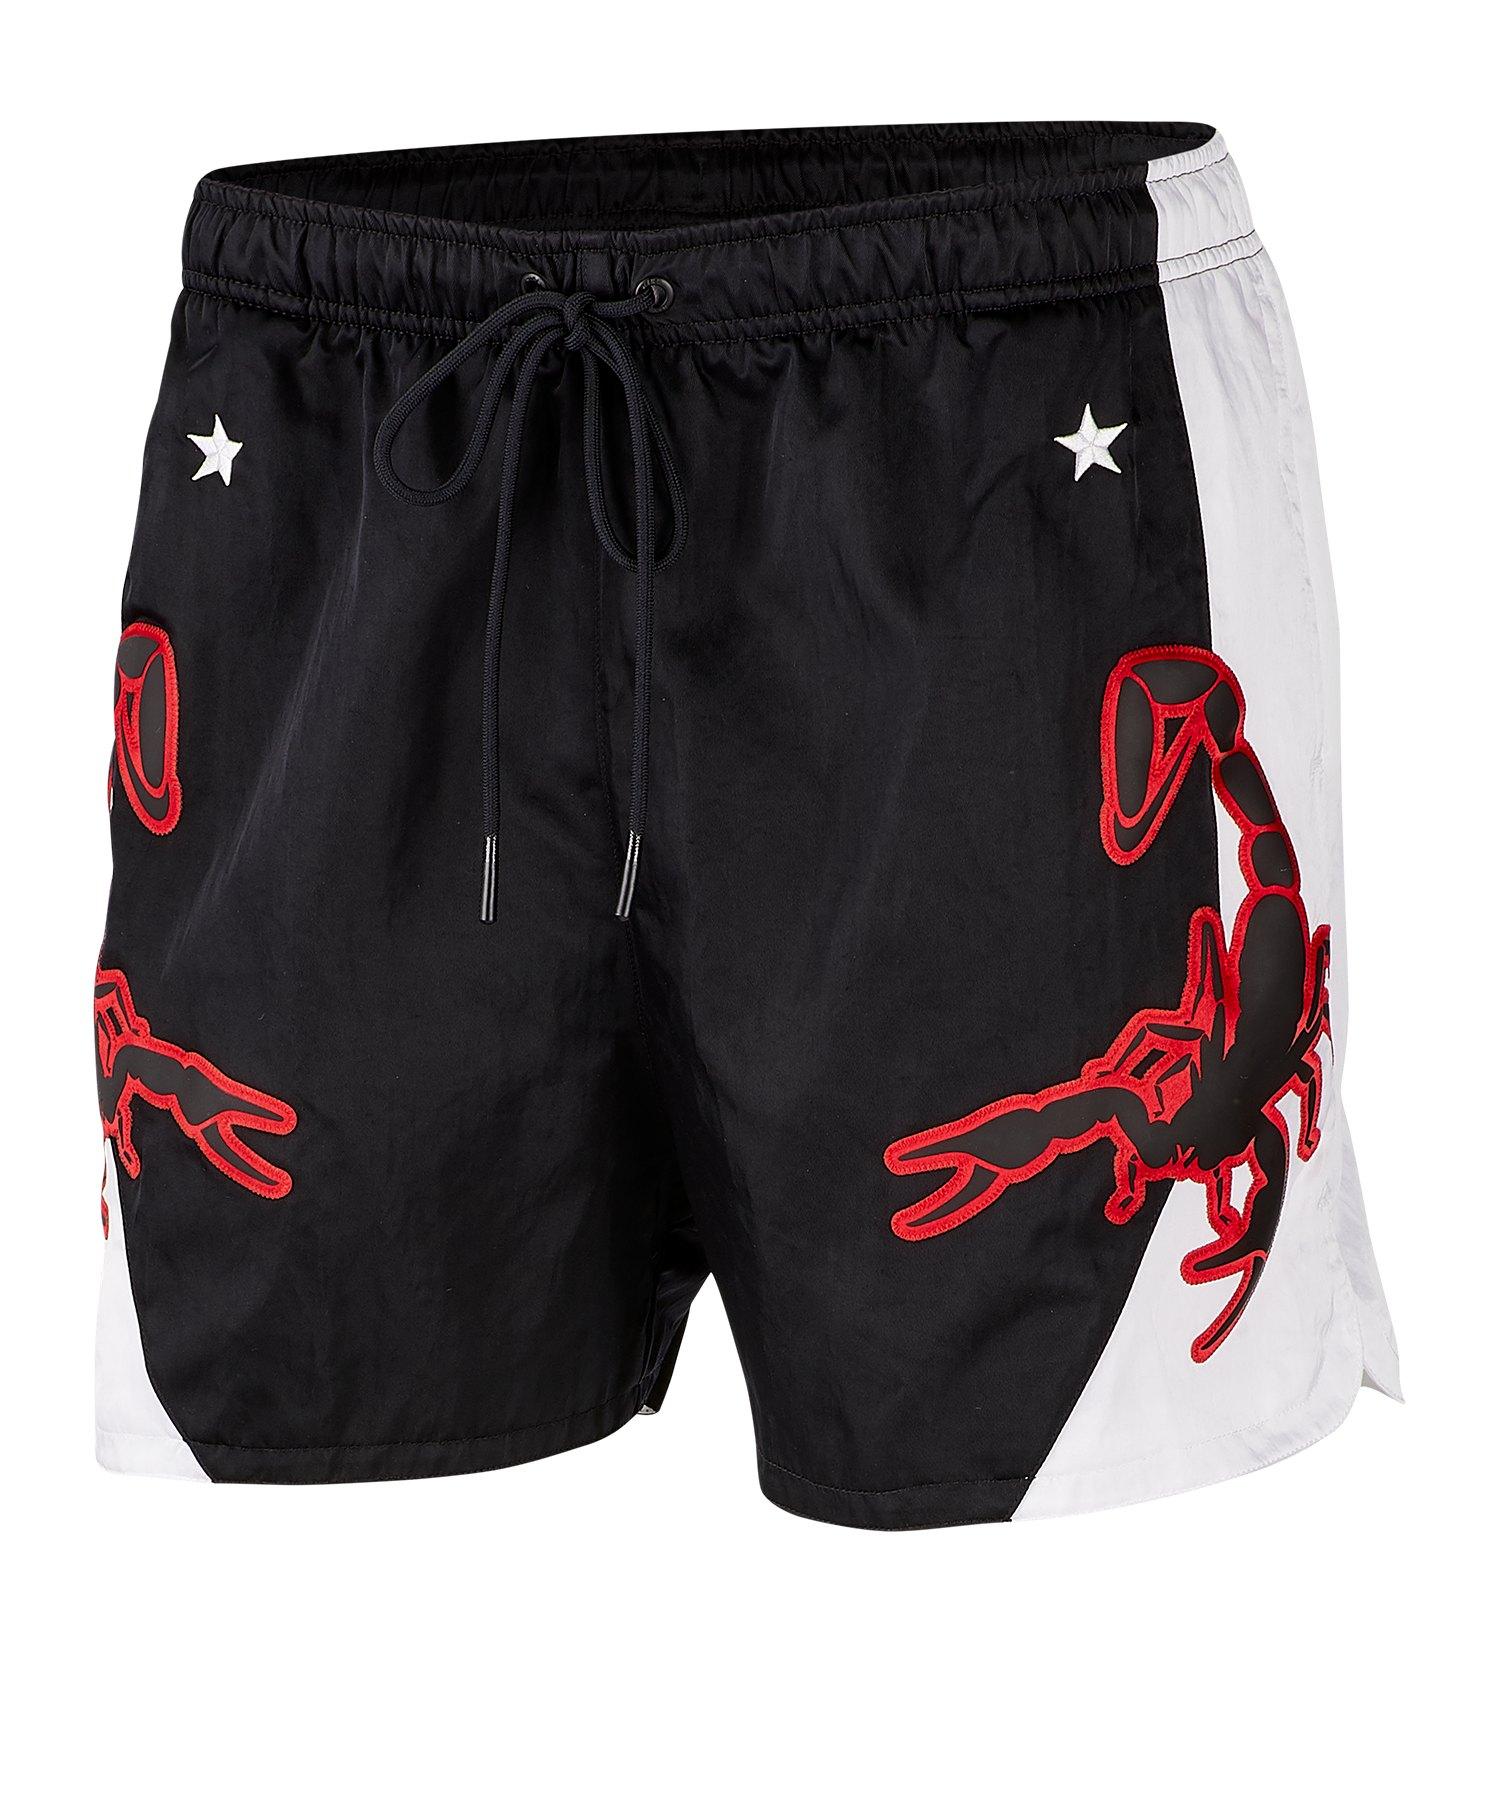 Nike Woven Short Hose kurz Schwarz F010 - Schwarz